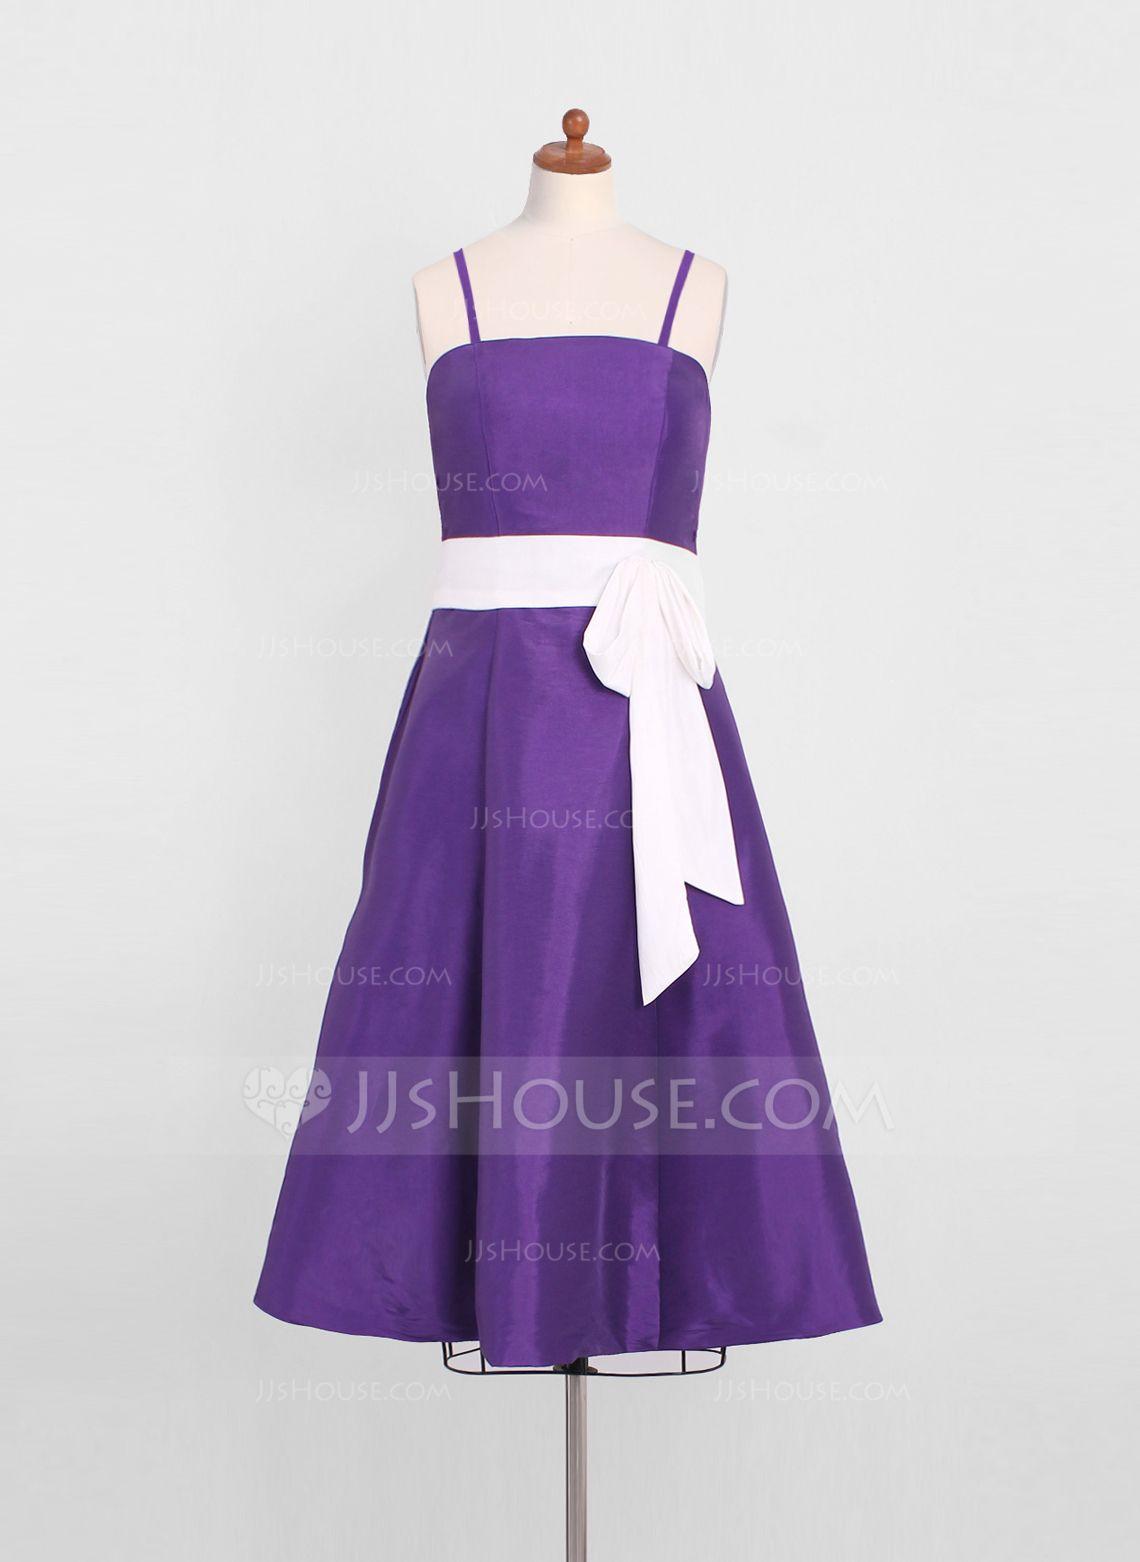 A lineprincess tea length taffeta junior bridesmaid dress with a lineprincess tea length taffeta junior bridesmaid dress with sash bows 009022499 ombrellifo Choice Image